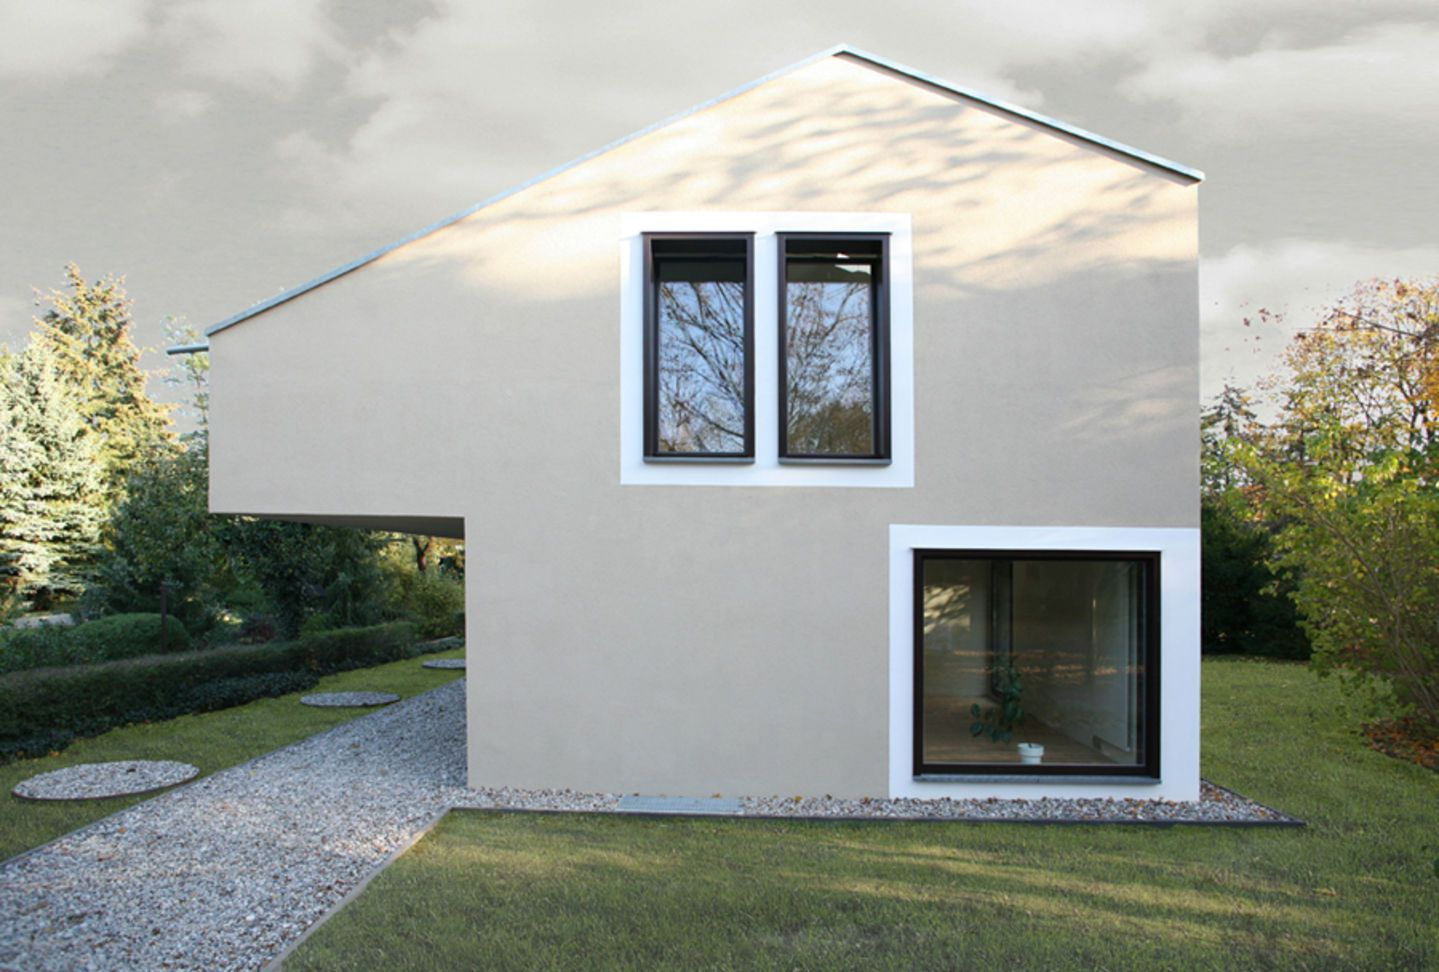 Modernes bungalow innenarchitektur wohnzimmer aff architekten  haus zeimer  divisare  architecture  pinterest